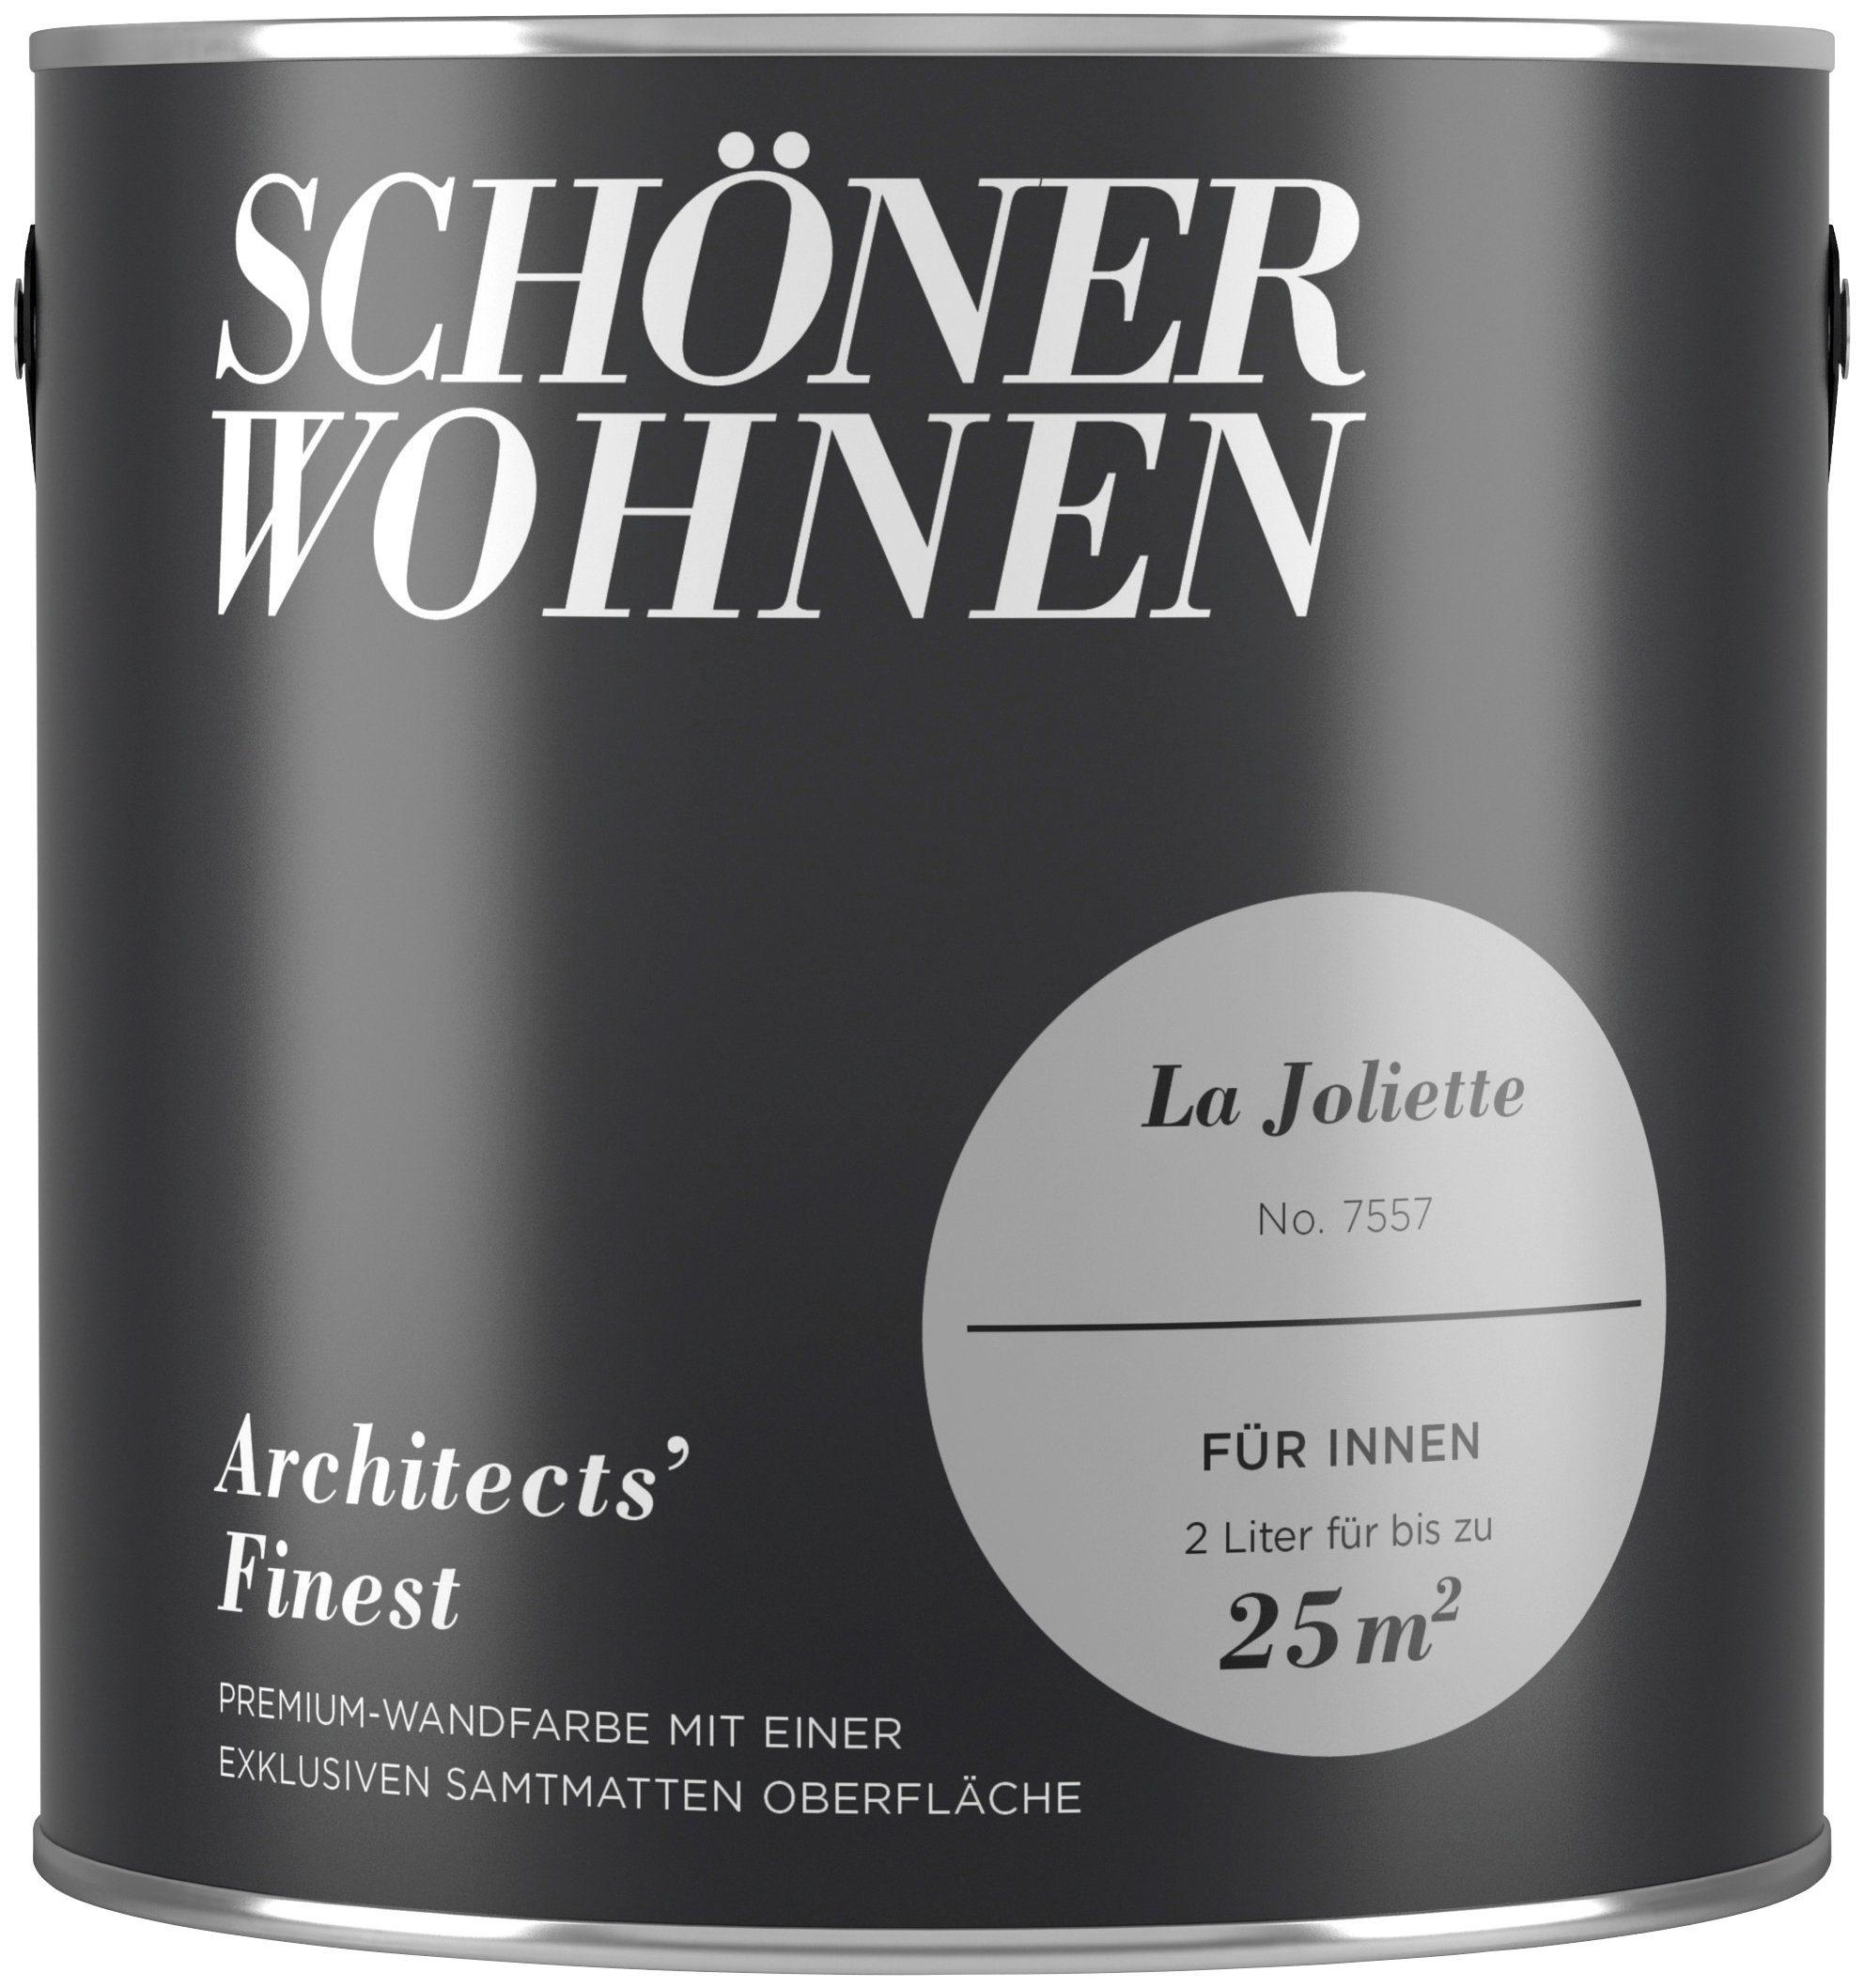 SCHÖNER WOHNEN FARBE Farbe »Architects' Finest La Joliette«, matt 2 l